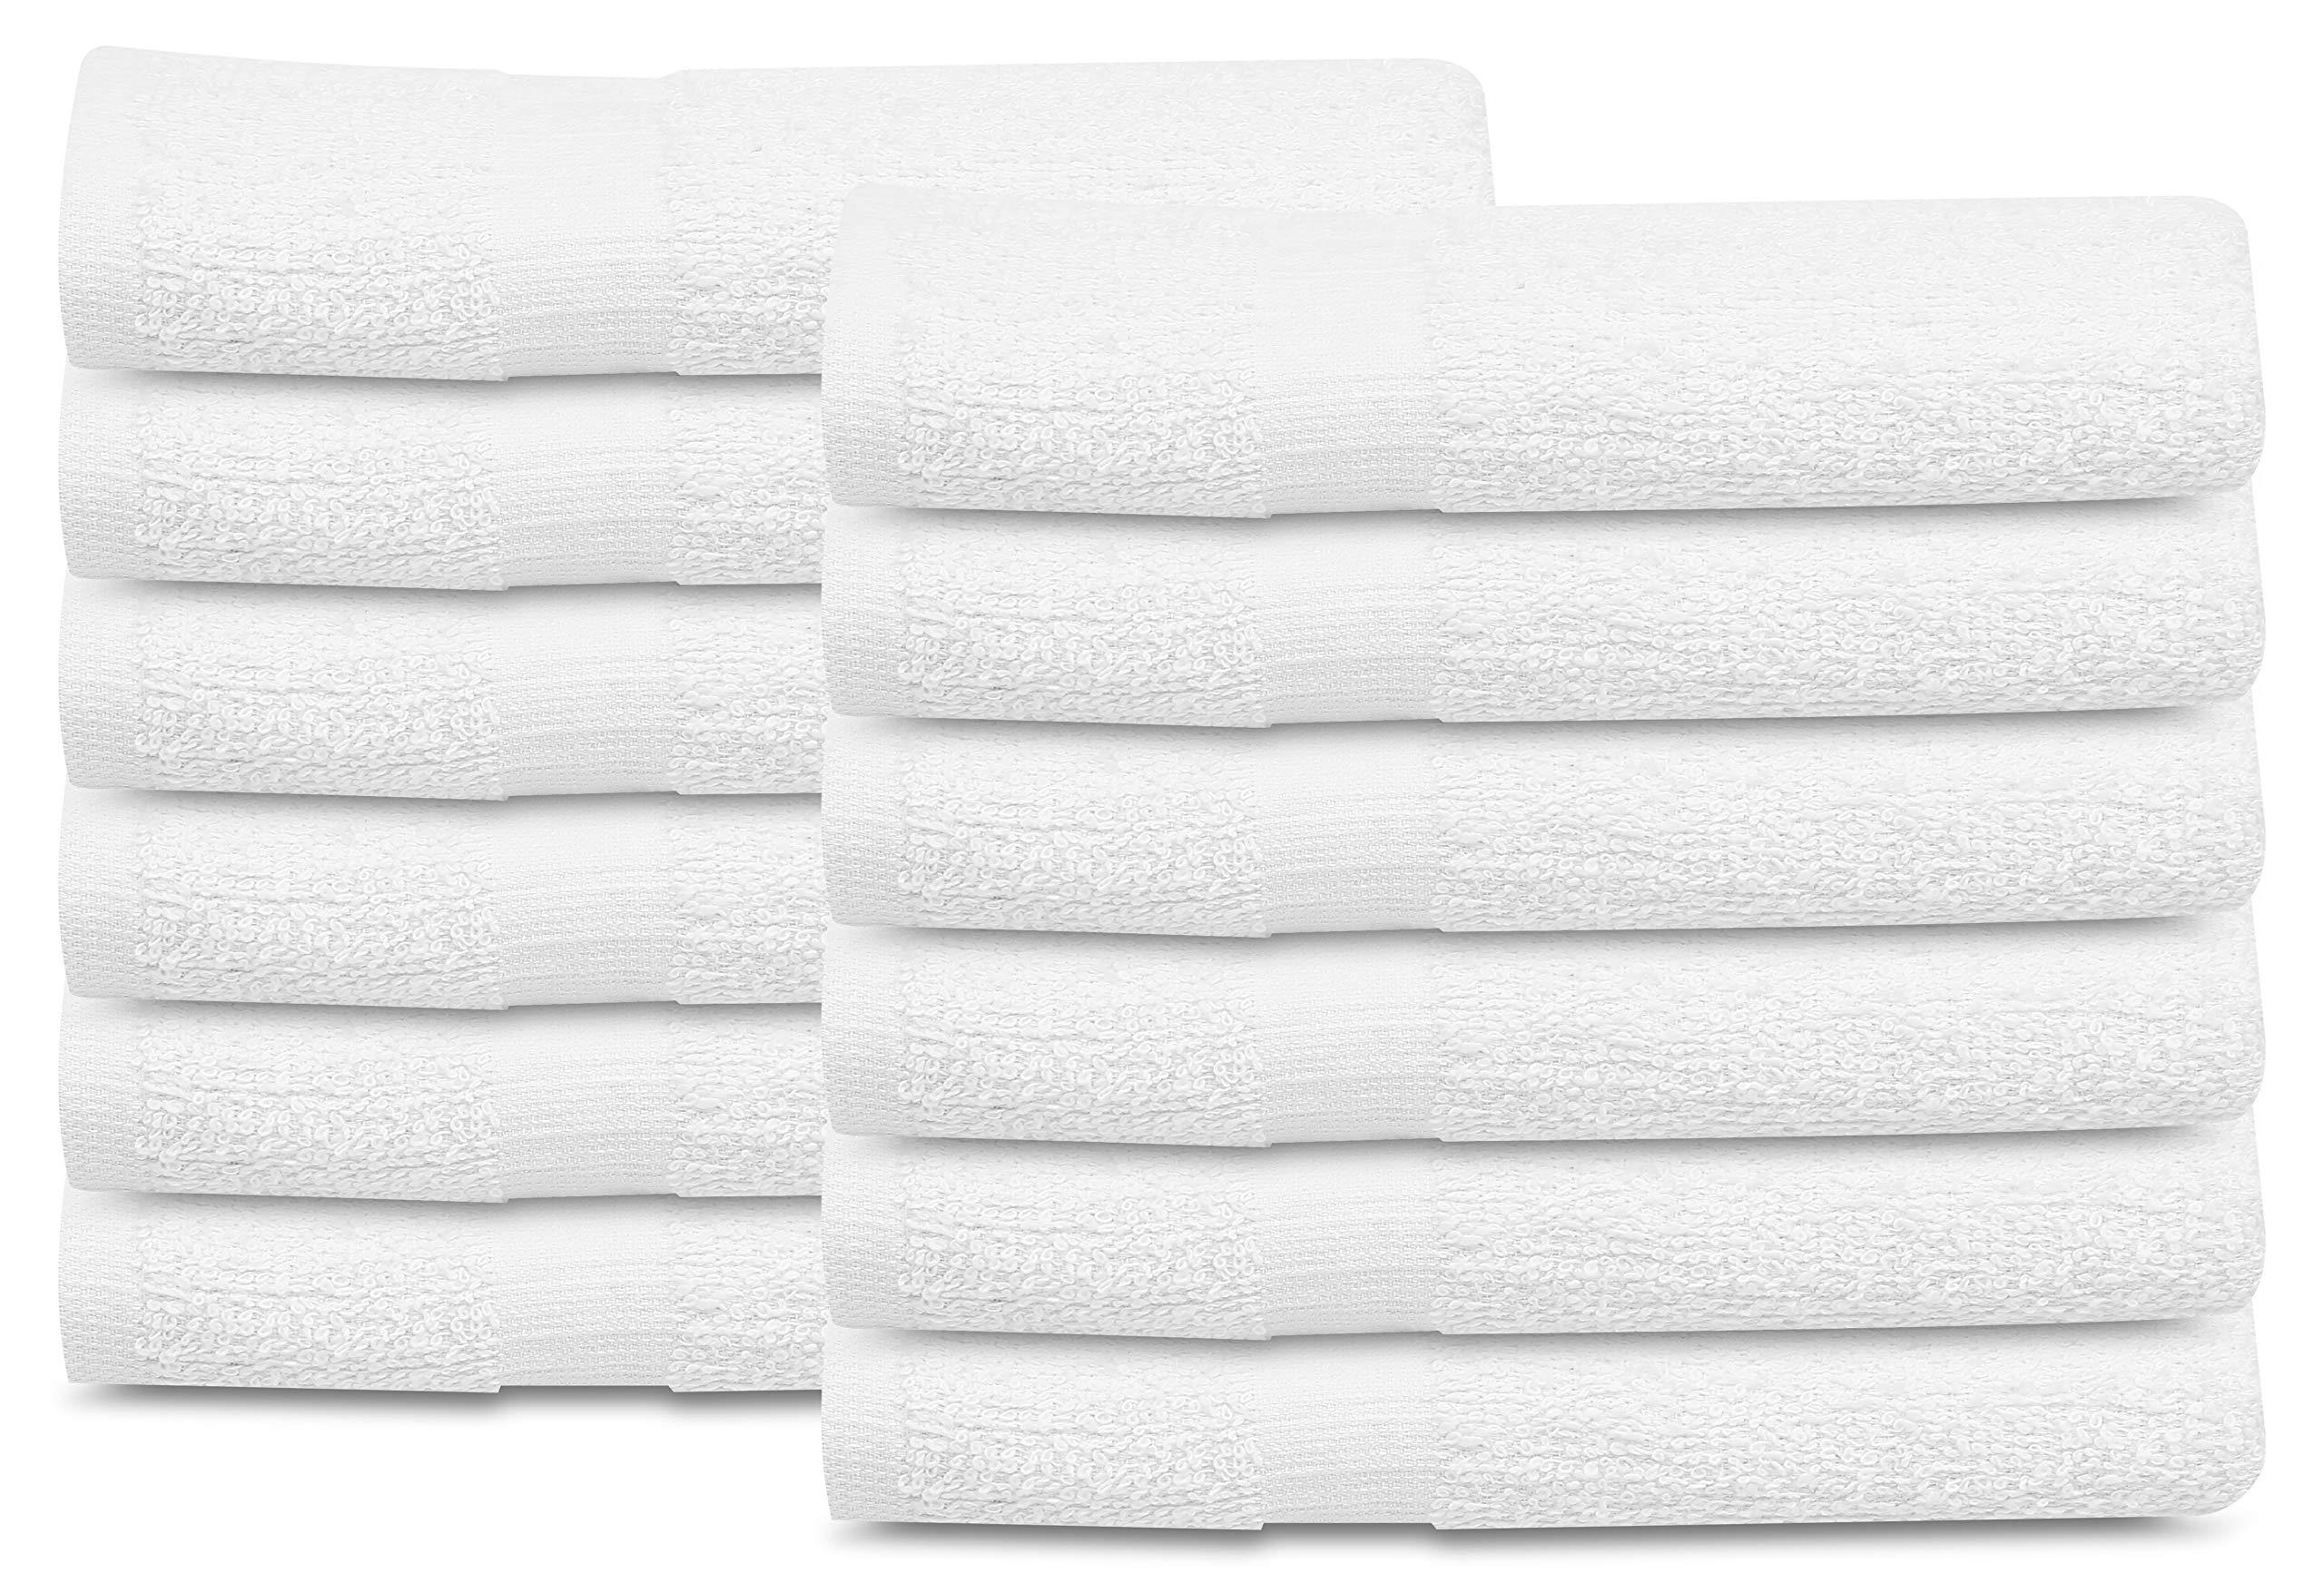 GOLD TEXTILES 24 PCS New White 20X40 100% Cotton Economy Bath Towels Soft & Quick Dry Salon Hair Towel-Gym Towel (2 Dozen)